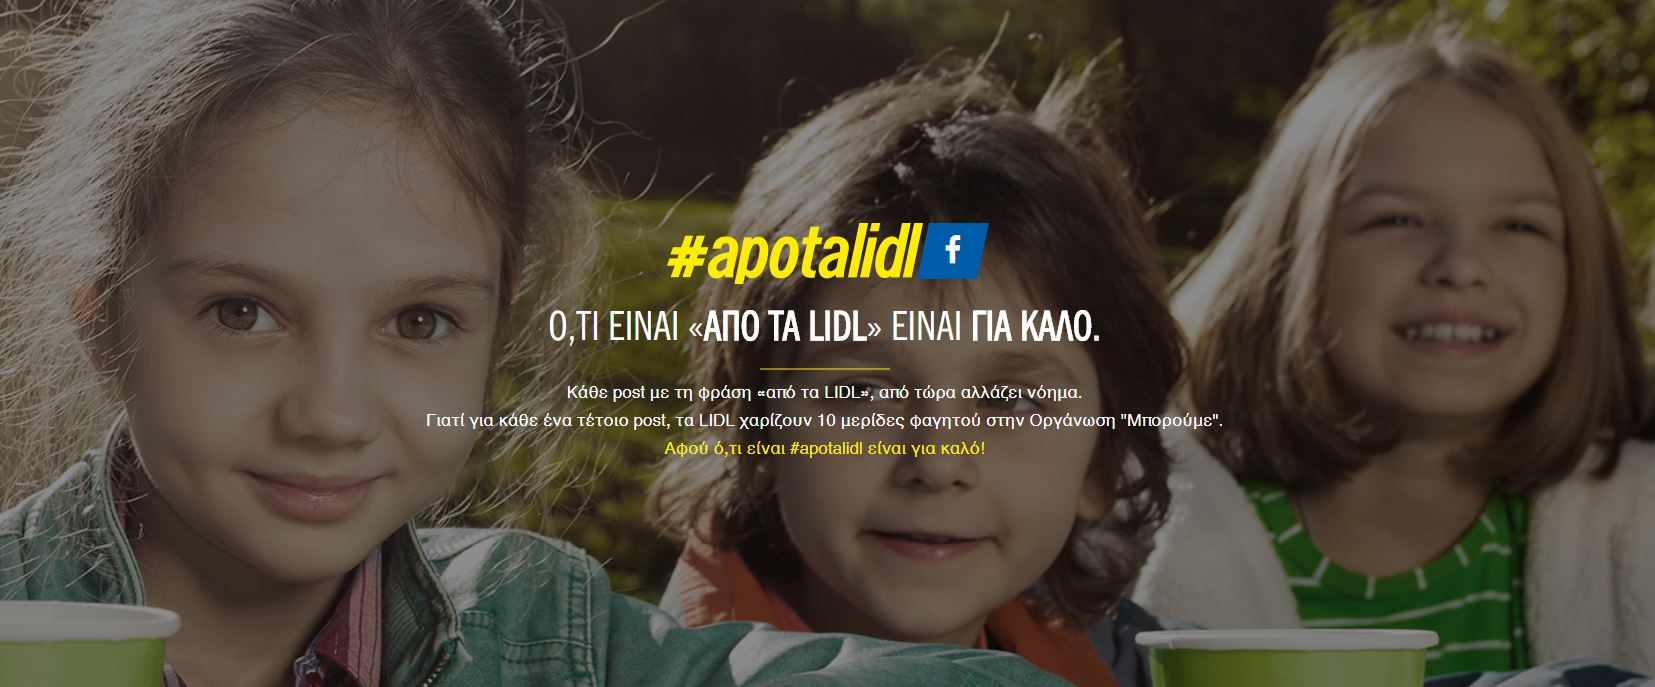 """#apotalidl   Η ενέργεια στην οποία η φράση """"από τα lidl"""" είναι για καλό"""